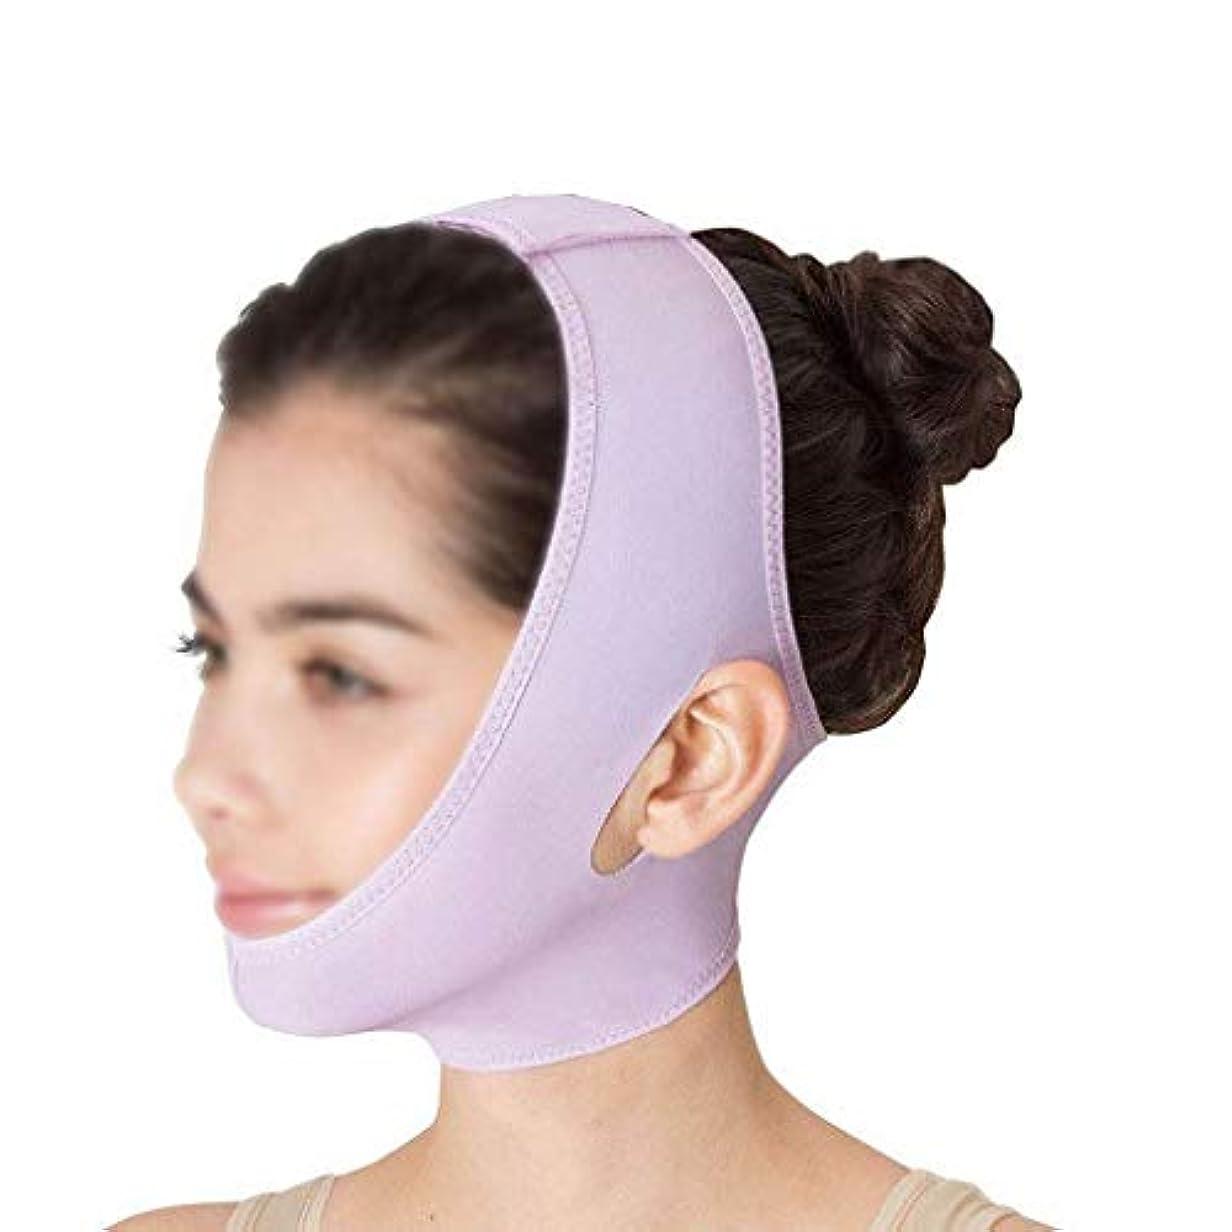 対立感染する旅薄いフェイスマスク ビームフェイス、薄いダブルチンでスリーピングマスクの下の頬を防ぎ、小さなVフェイスを作成